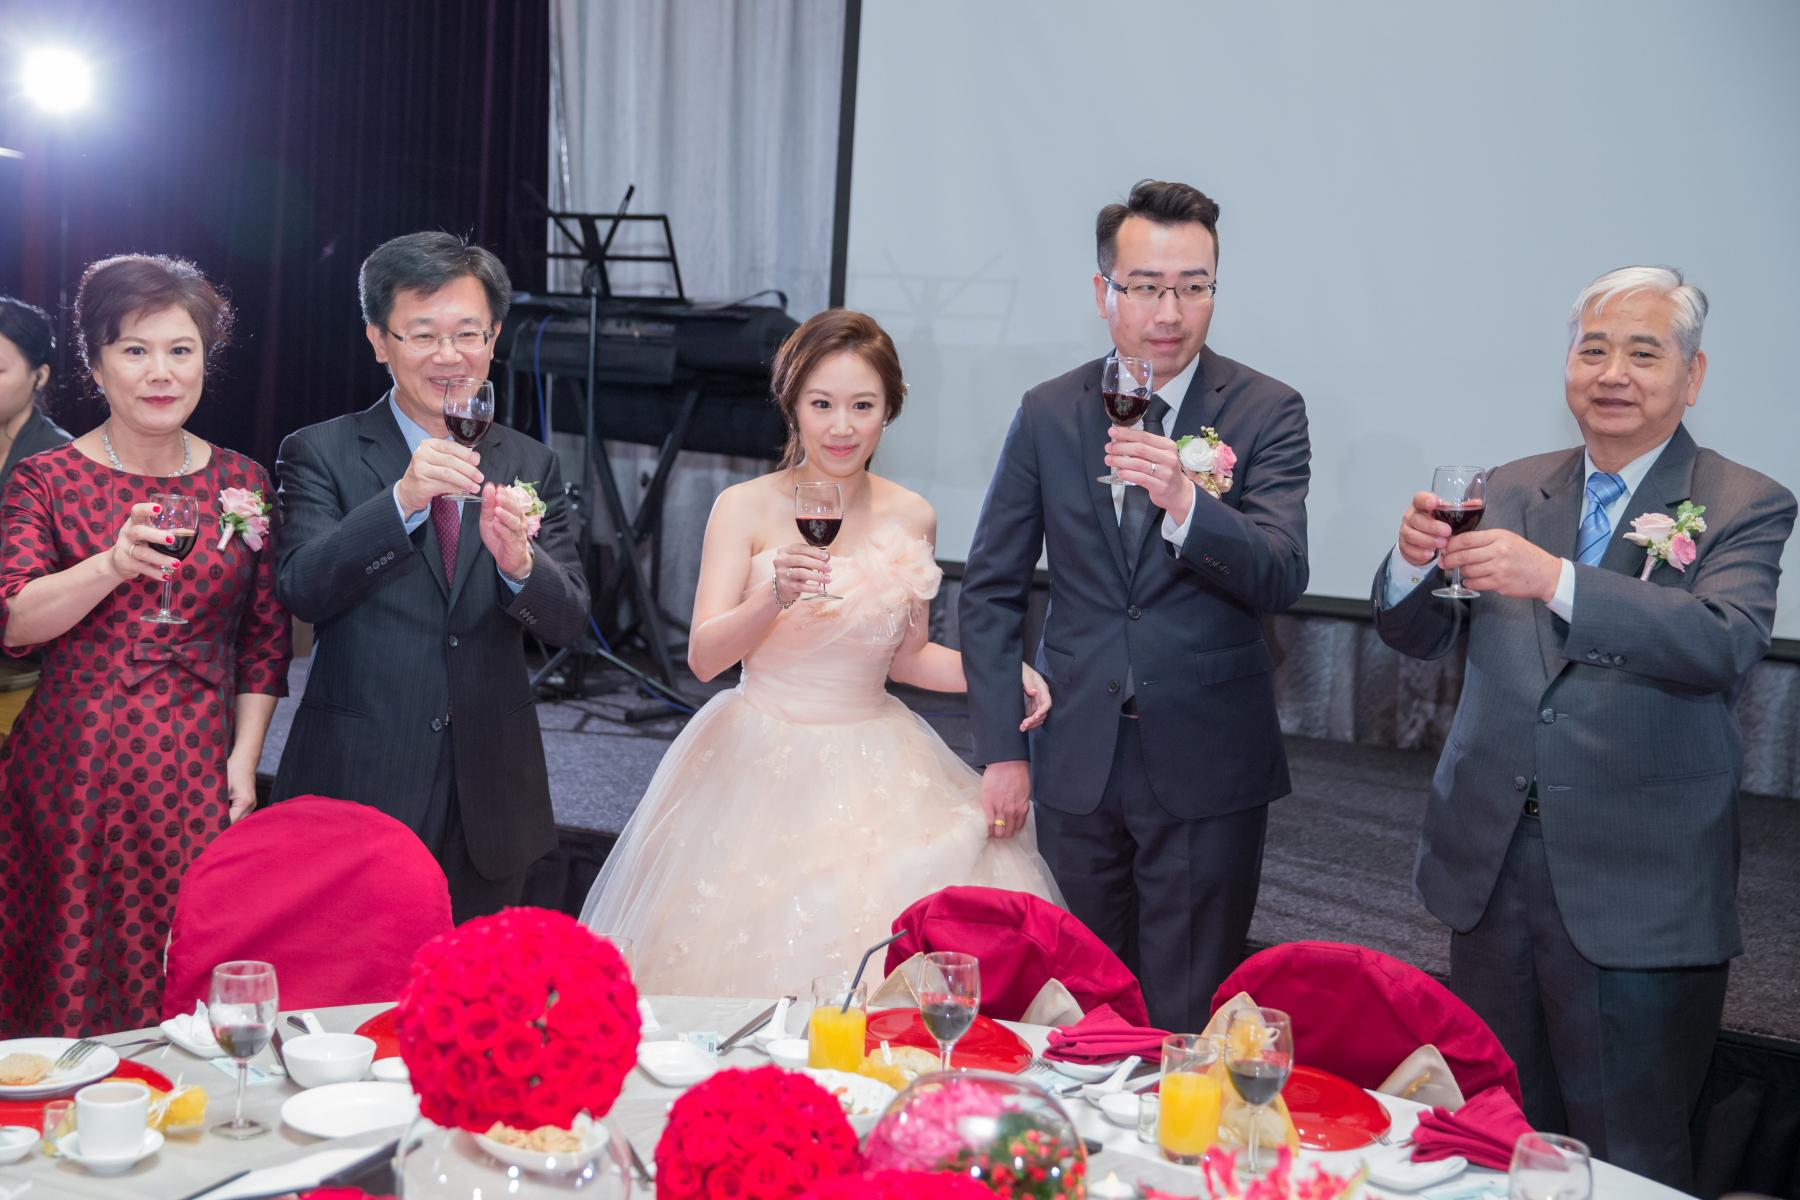 鴻璿鈺婷婚禮774